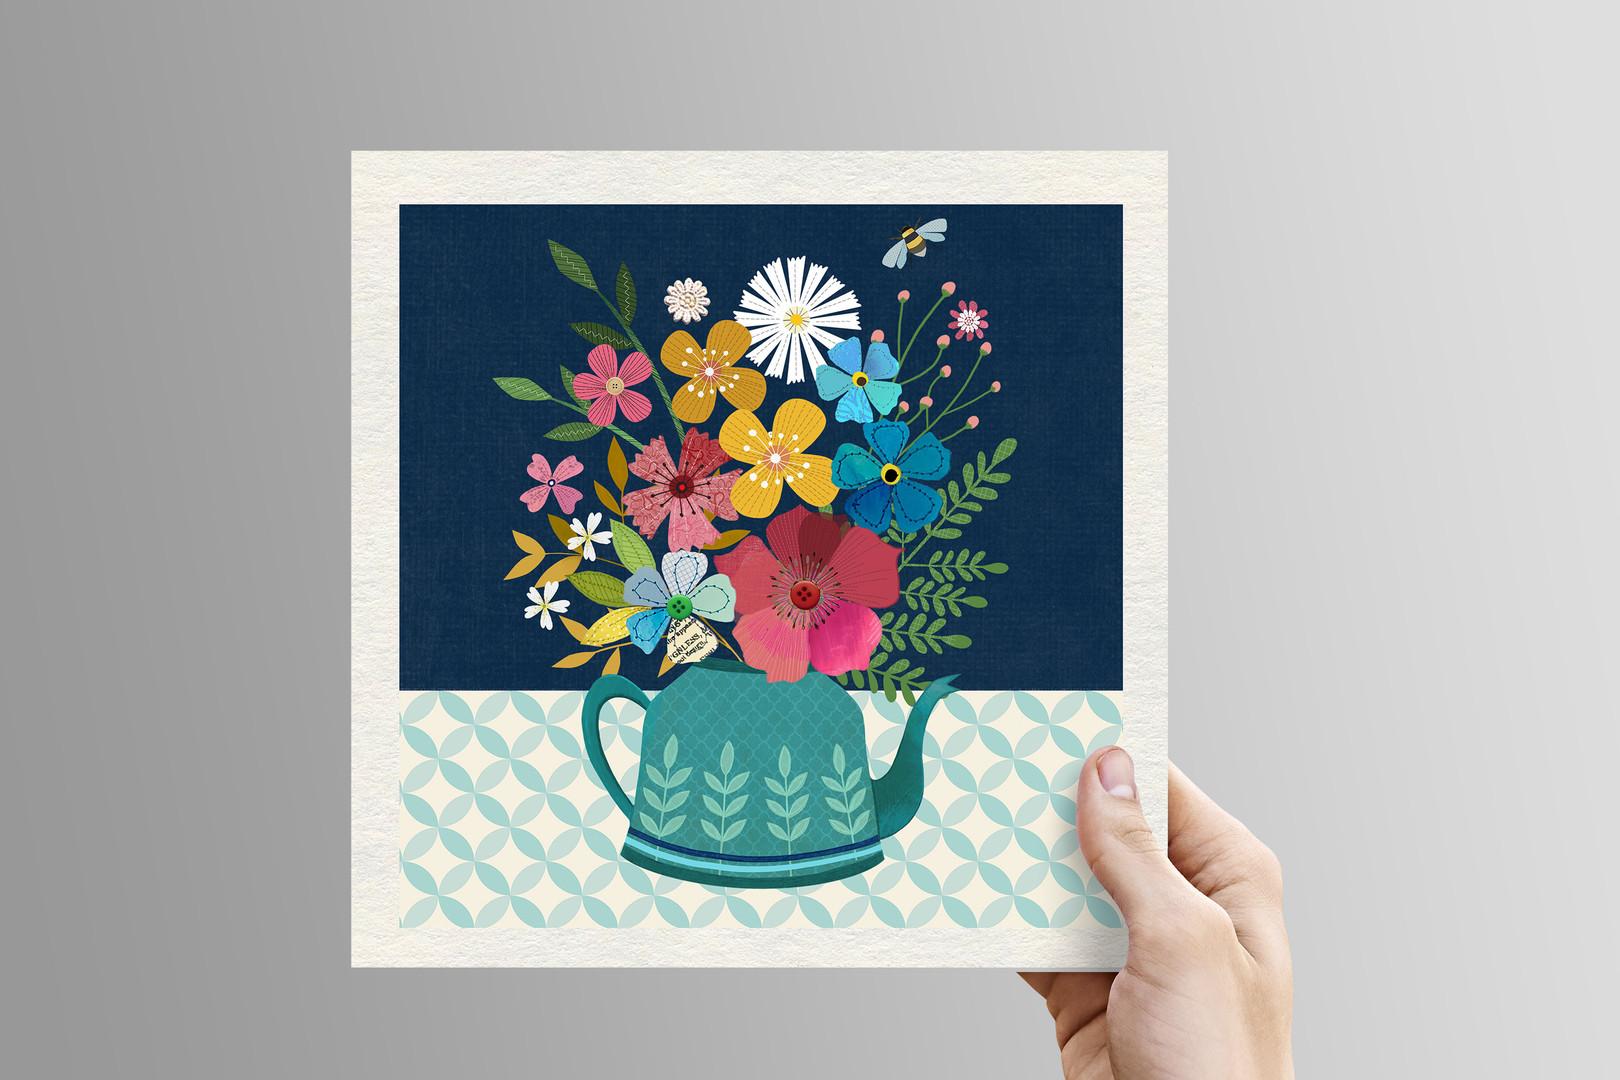 Kettle of Flowers